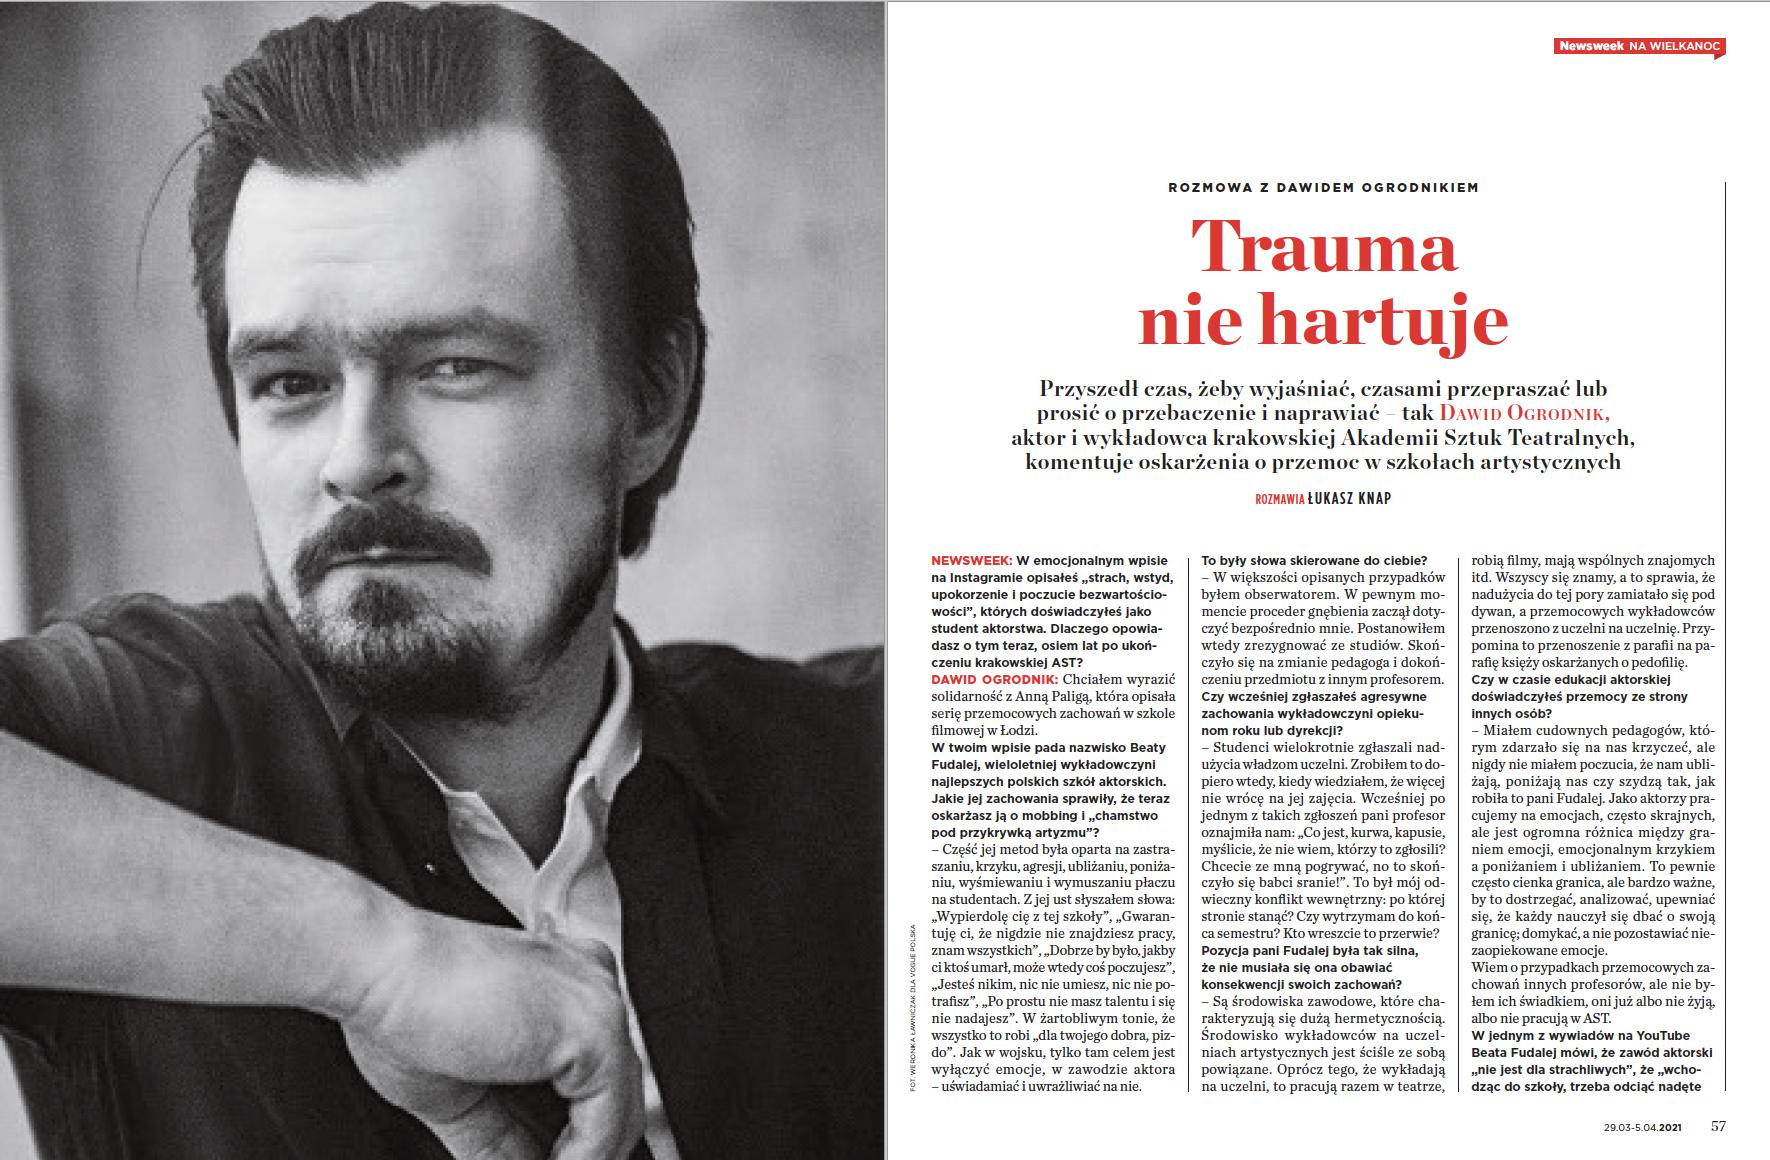 """""""Trauma nie hartuje"""". Rozmowa z Dawidem Ogrodnikiem w """"Newsweeku"""""""